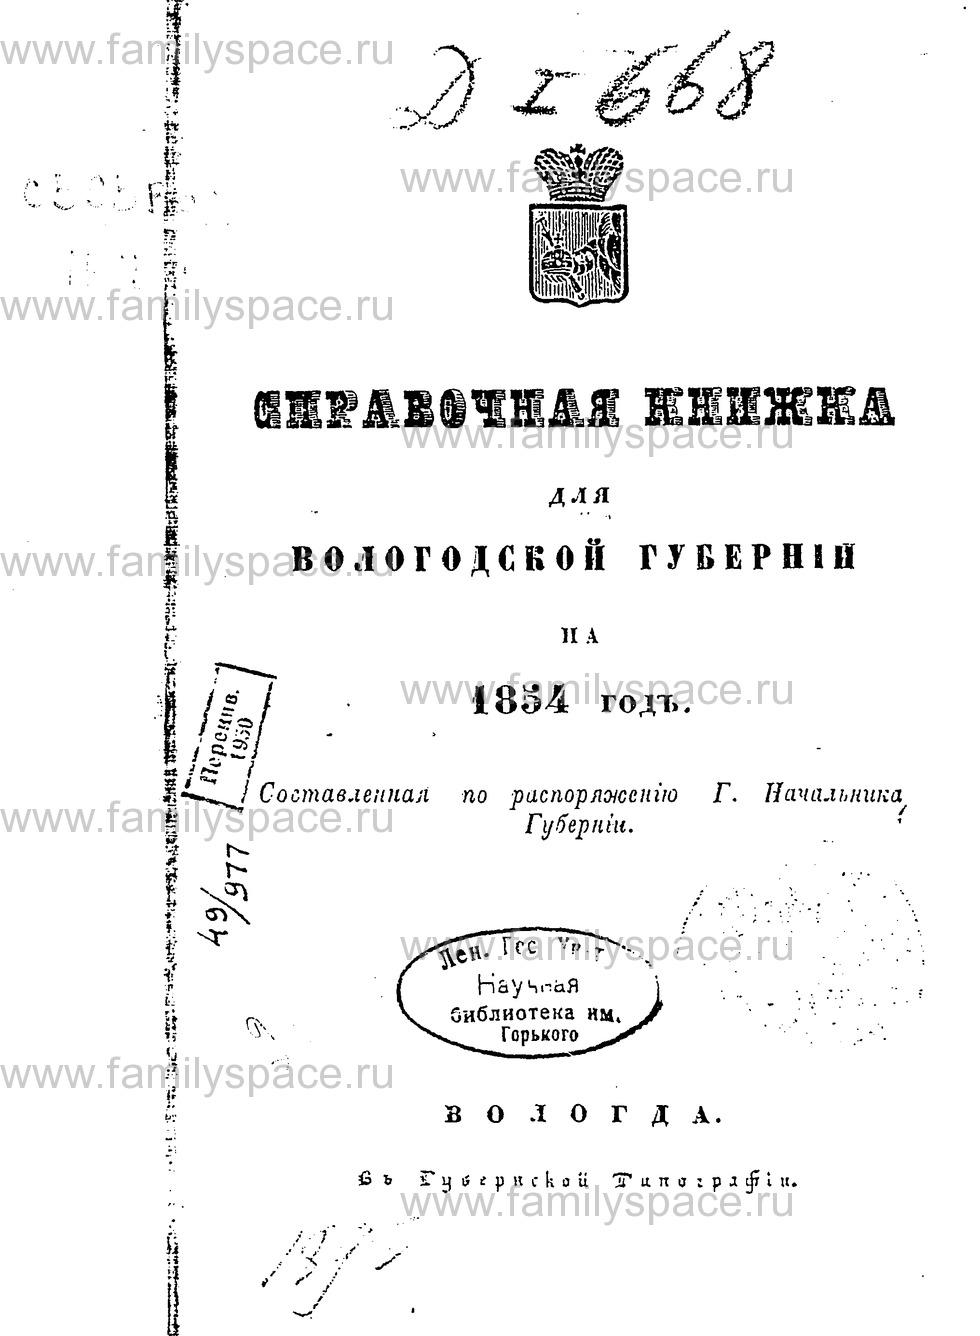 Поиск по фамилии - Справочная книжка для Вологодской губернии на 1854 г, страница 1